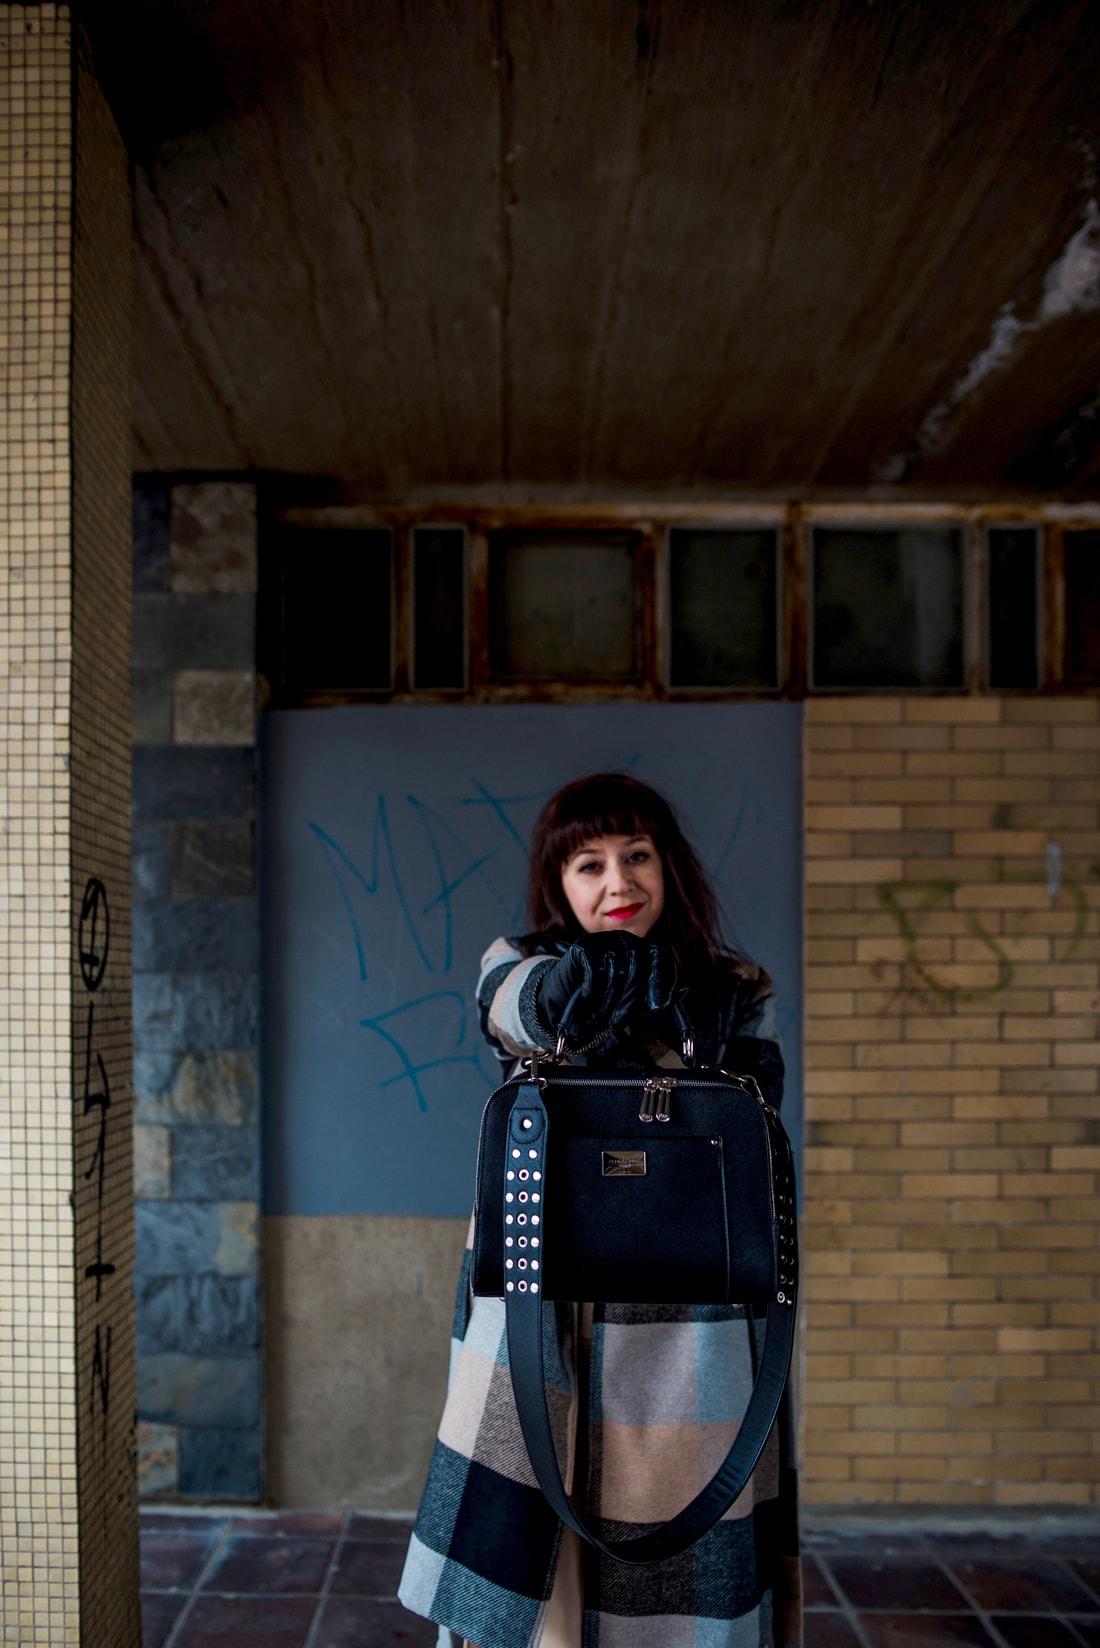 BIZNIS LOOK ALEBO NIKDY NEČAKAJTE VIAC_Katharine-fashion is beautiful_blog 10_Károvaný kabát Bonprix_Béžová sukňa Mango_Katarína Jakubčová_Fashion blogerka